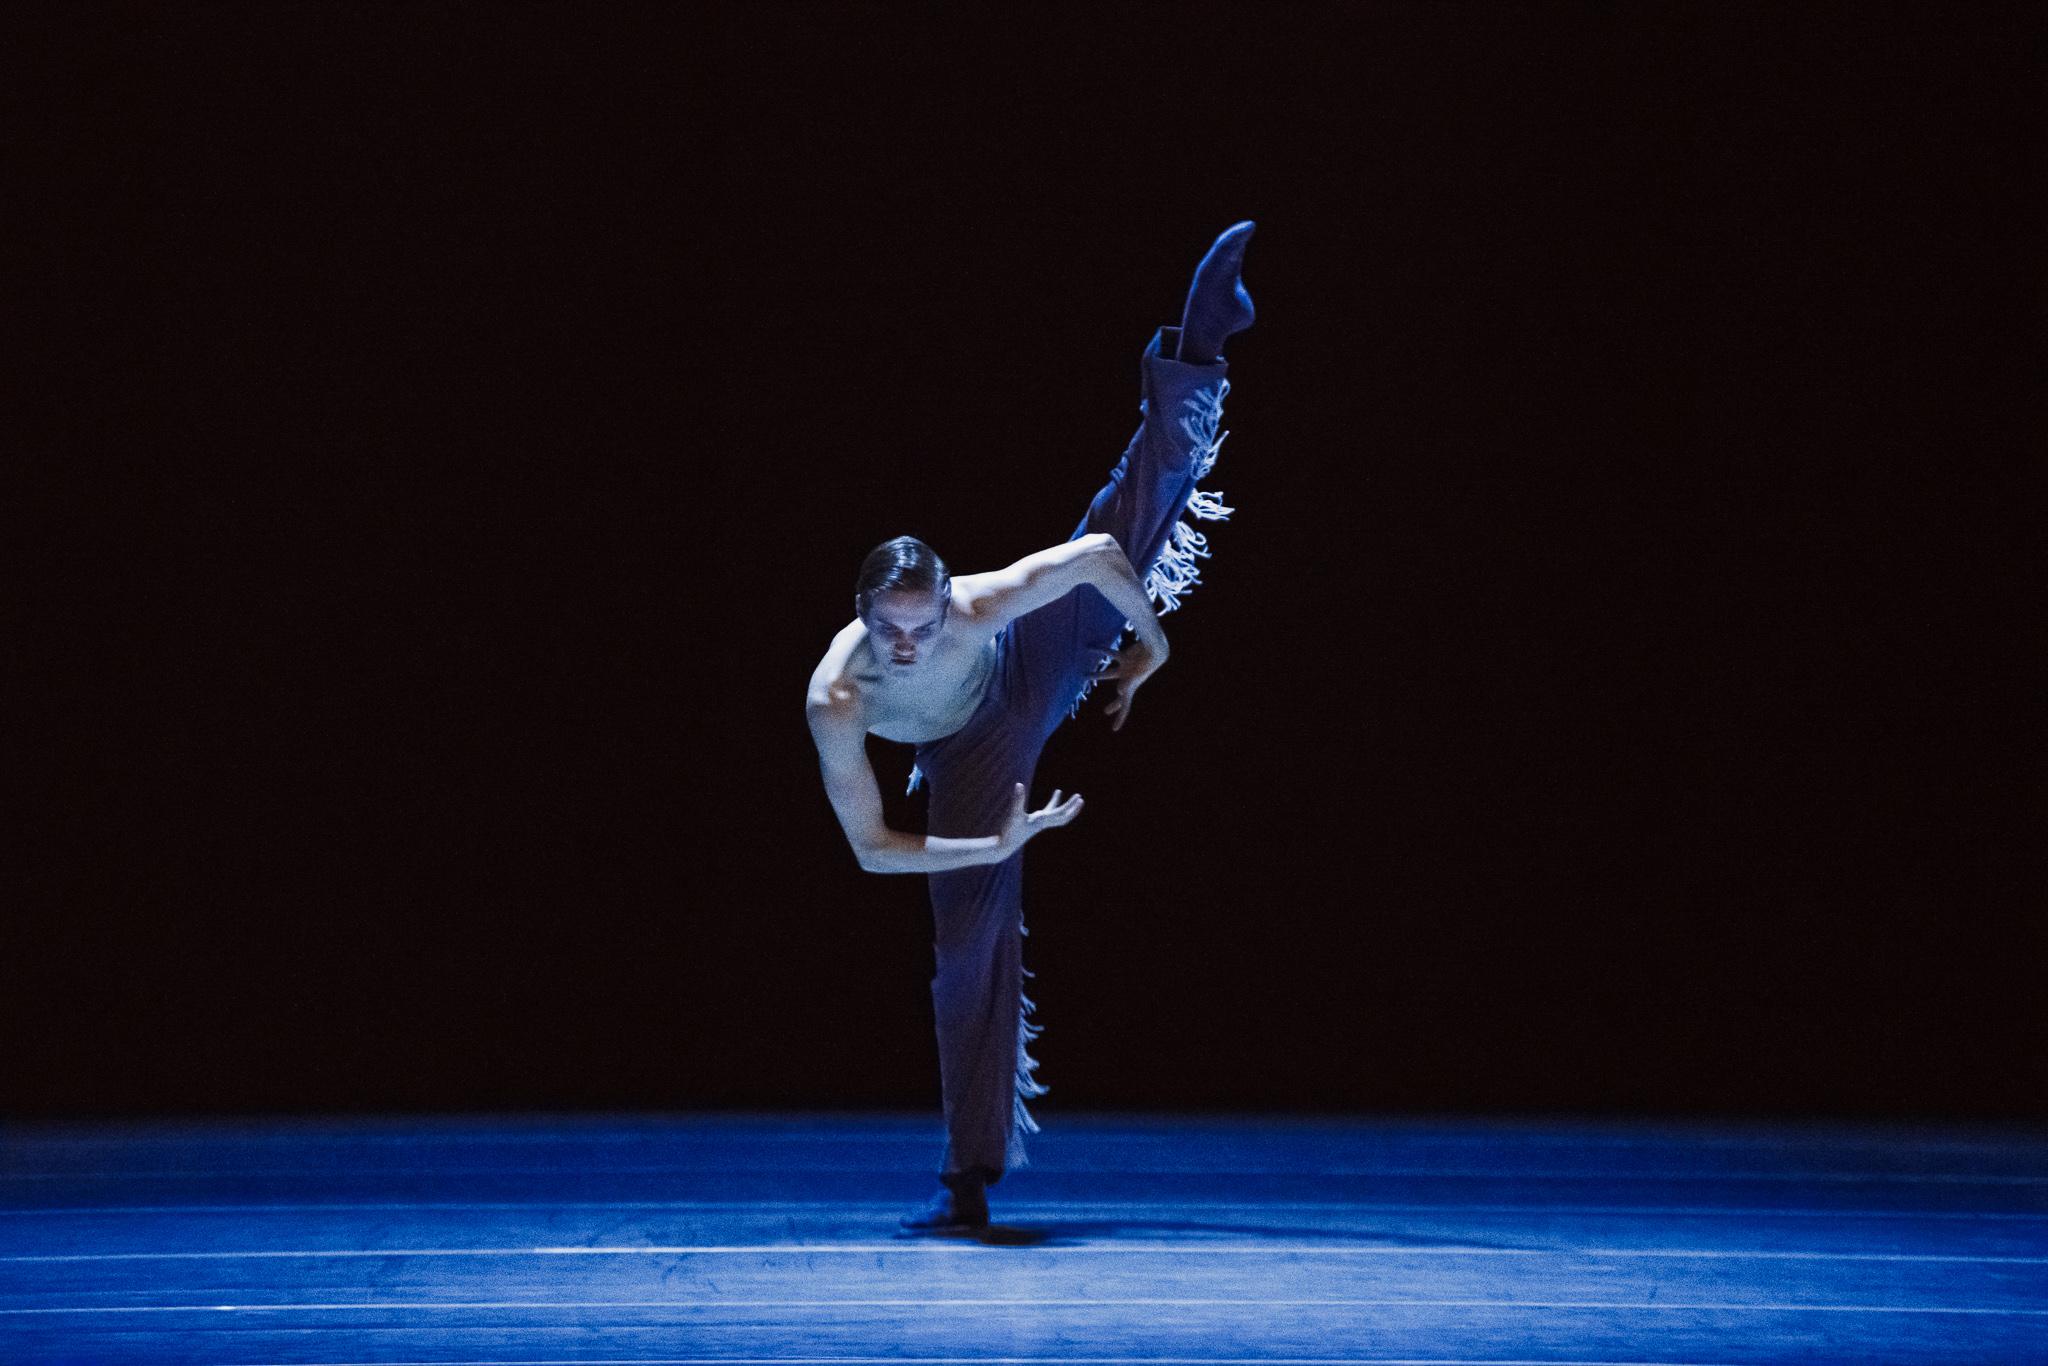 NDT2 Wir sagen uns Dunkles by Marco Goecke dance photography, fotografia de escena, fotografo de danza, dance photographer, stage photography